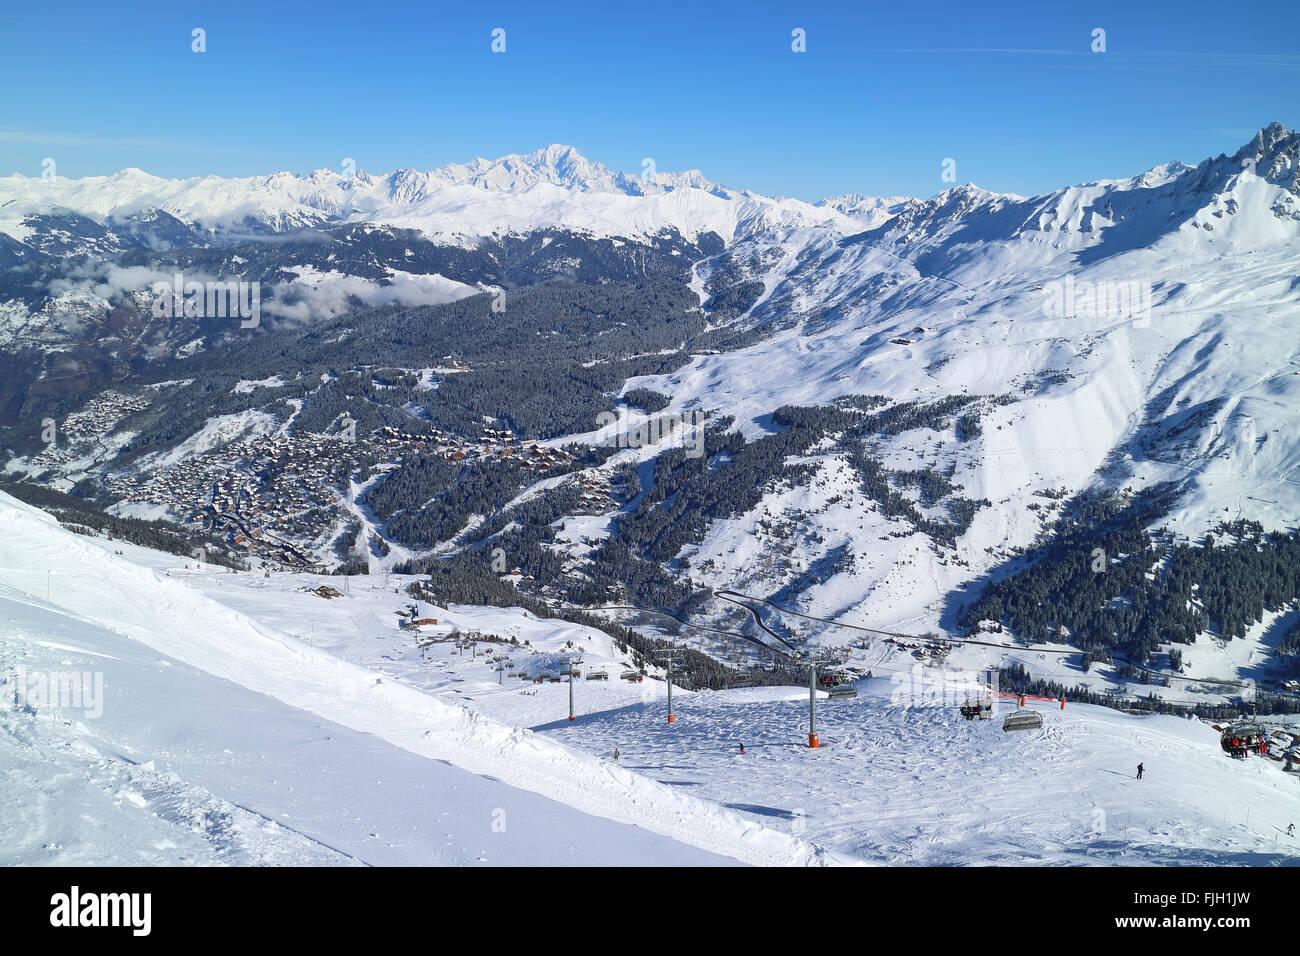 Ski-Dorf von Méribel in Französische Alpen drei Täler-Skigebiet mit Pisten, Lifte, chalets Stockfoto